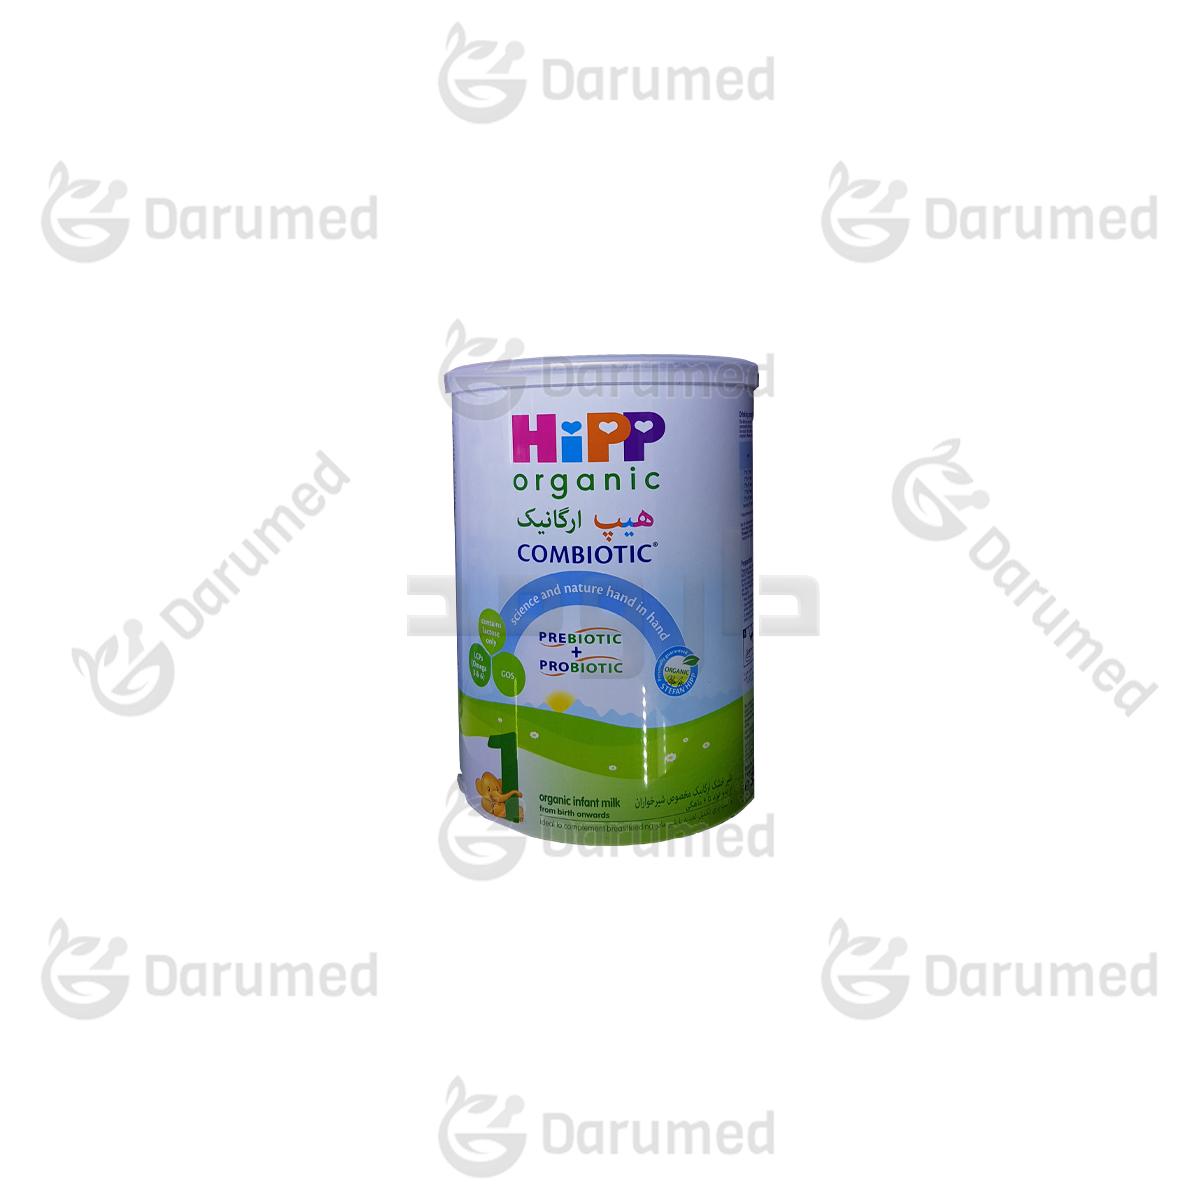 شیر-خشک-ارگانیک-هیپ-1